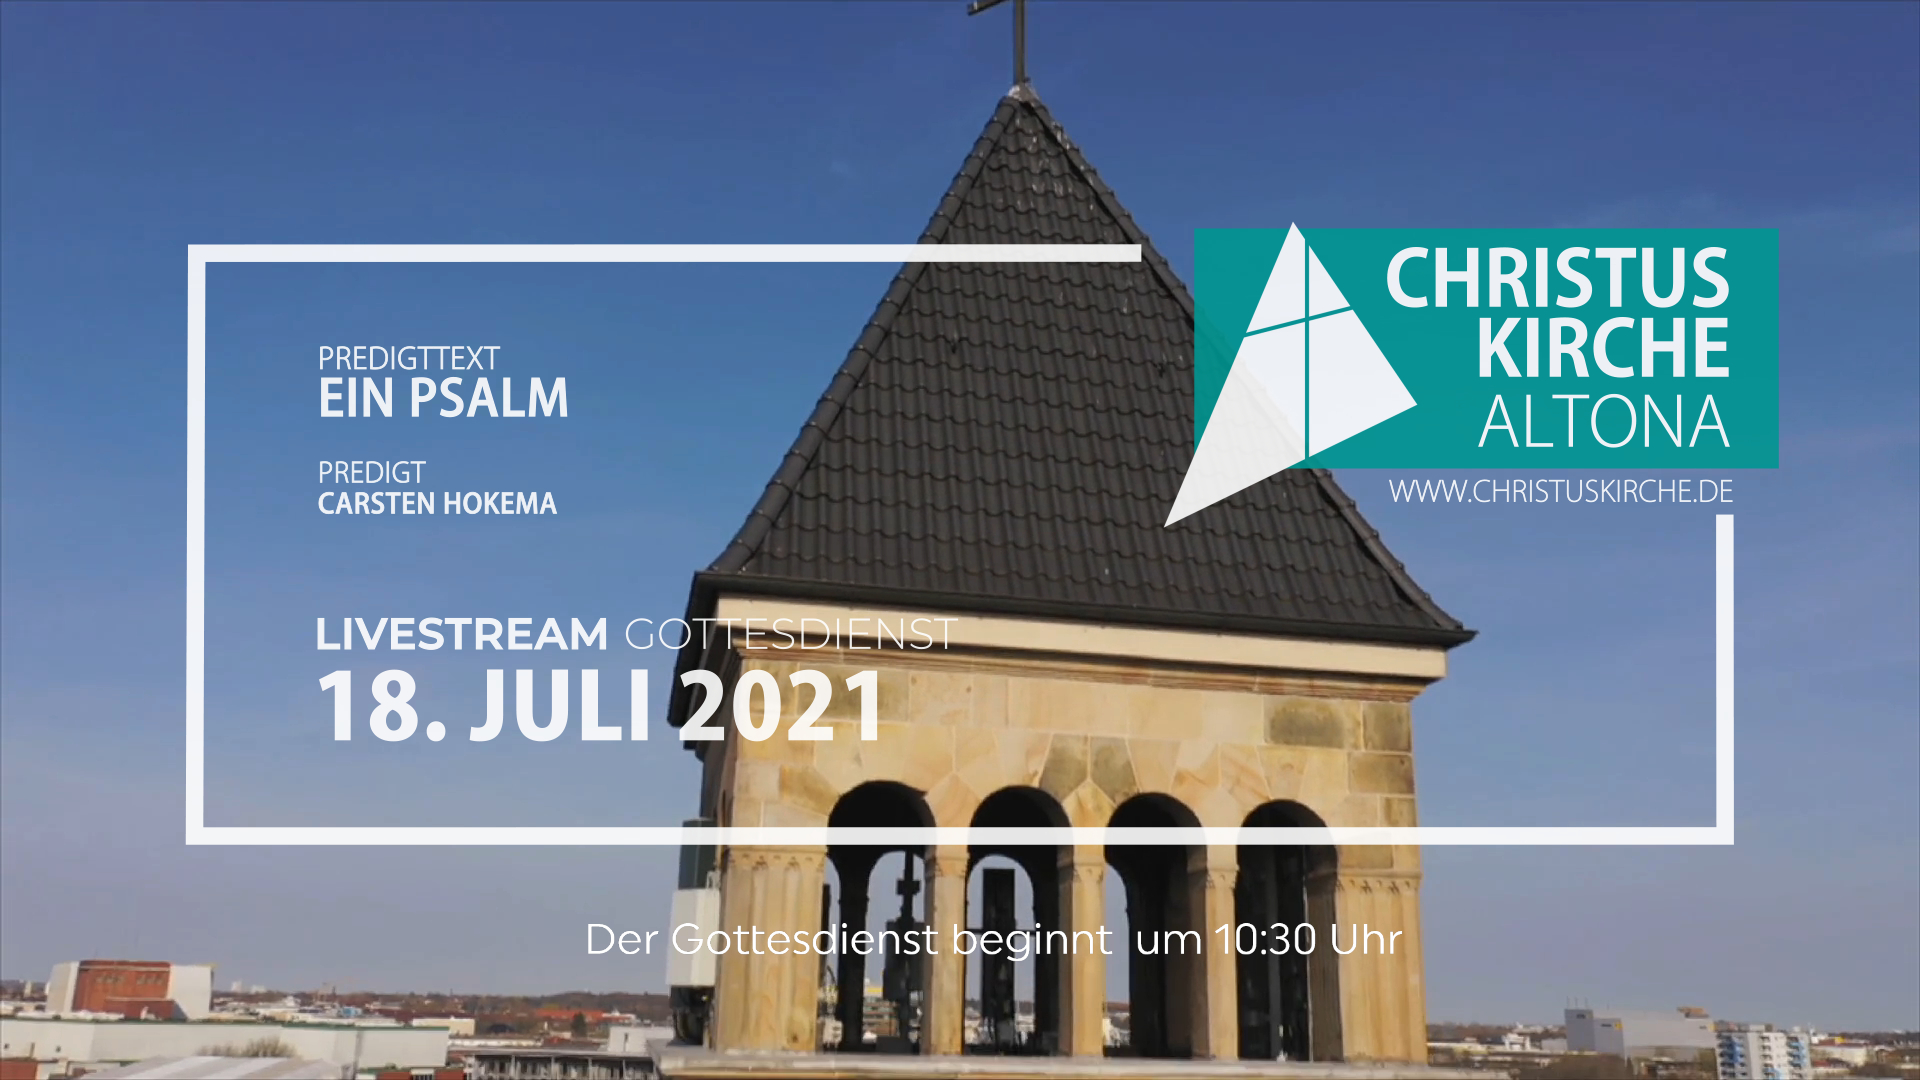 Gottesdienst - am 18. Juli - Livestream aus der Christuskirche Altona